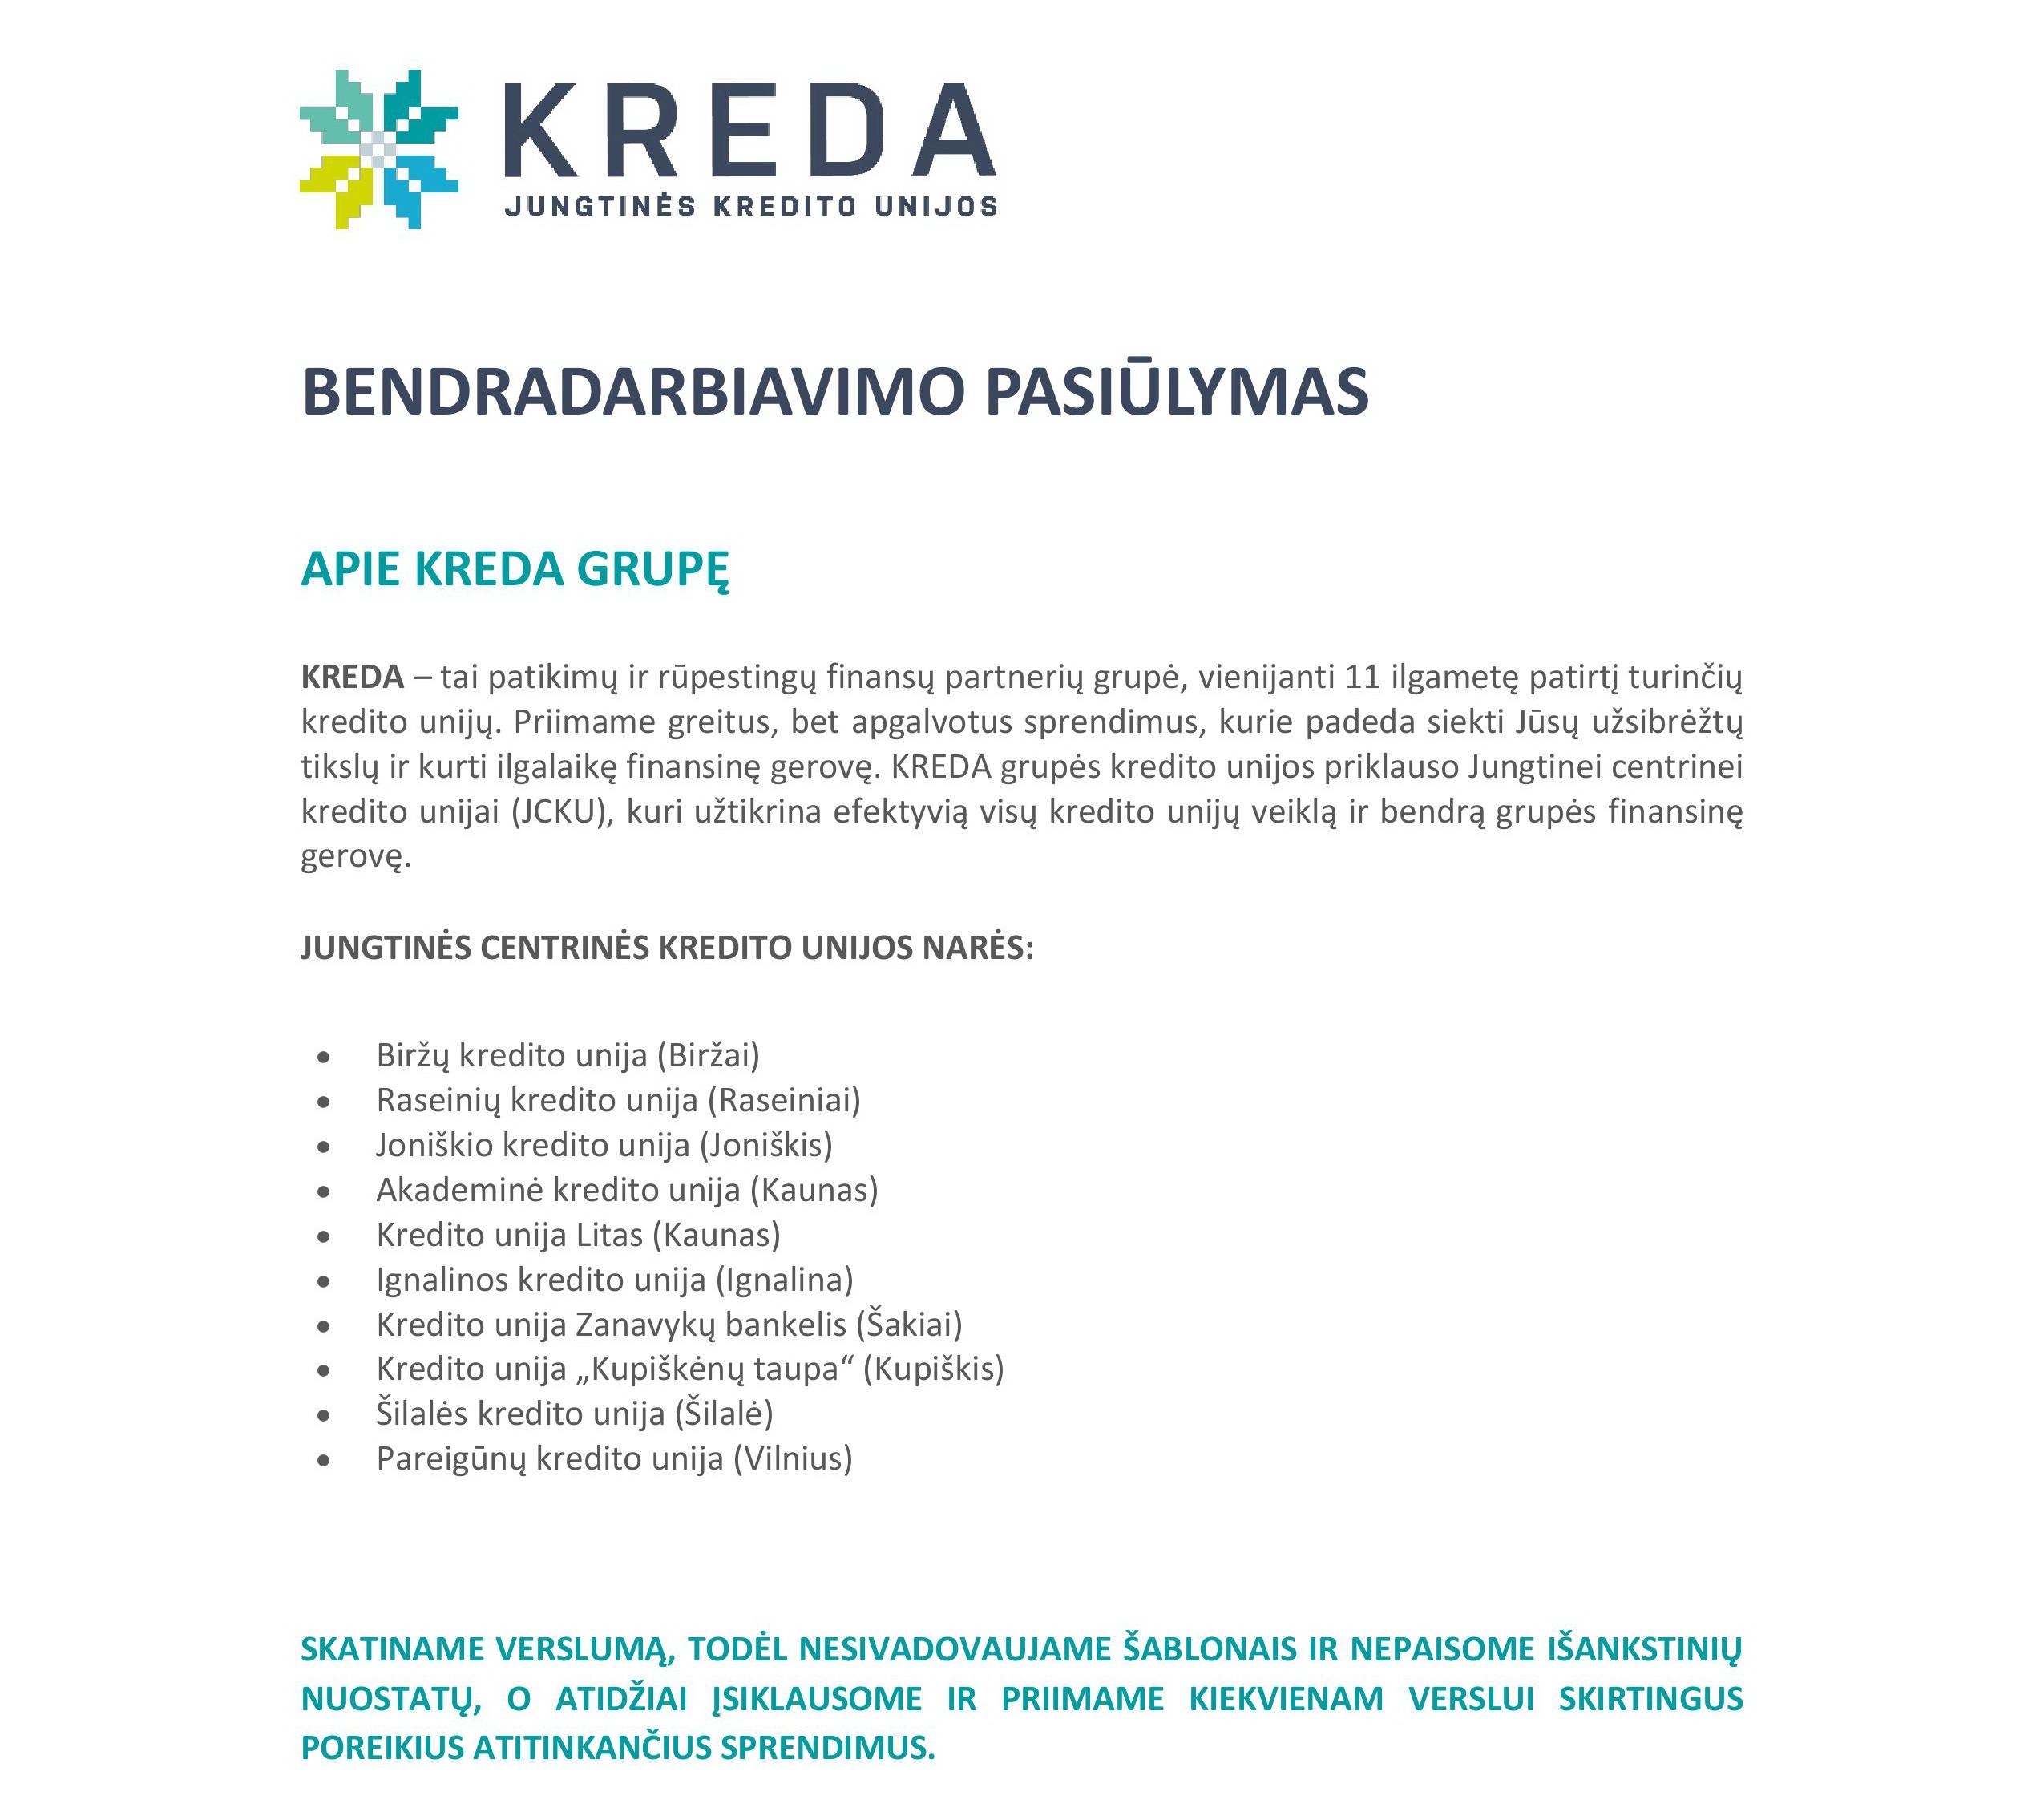 BENDRADARBIAVIMO PASIŪLYMAS01-00